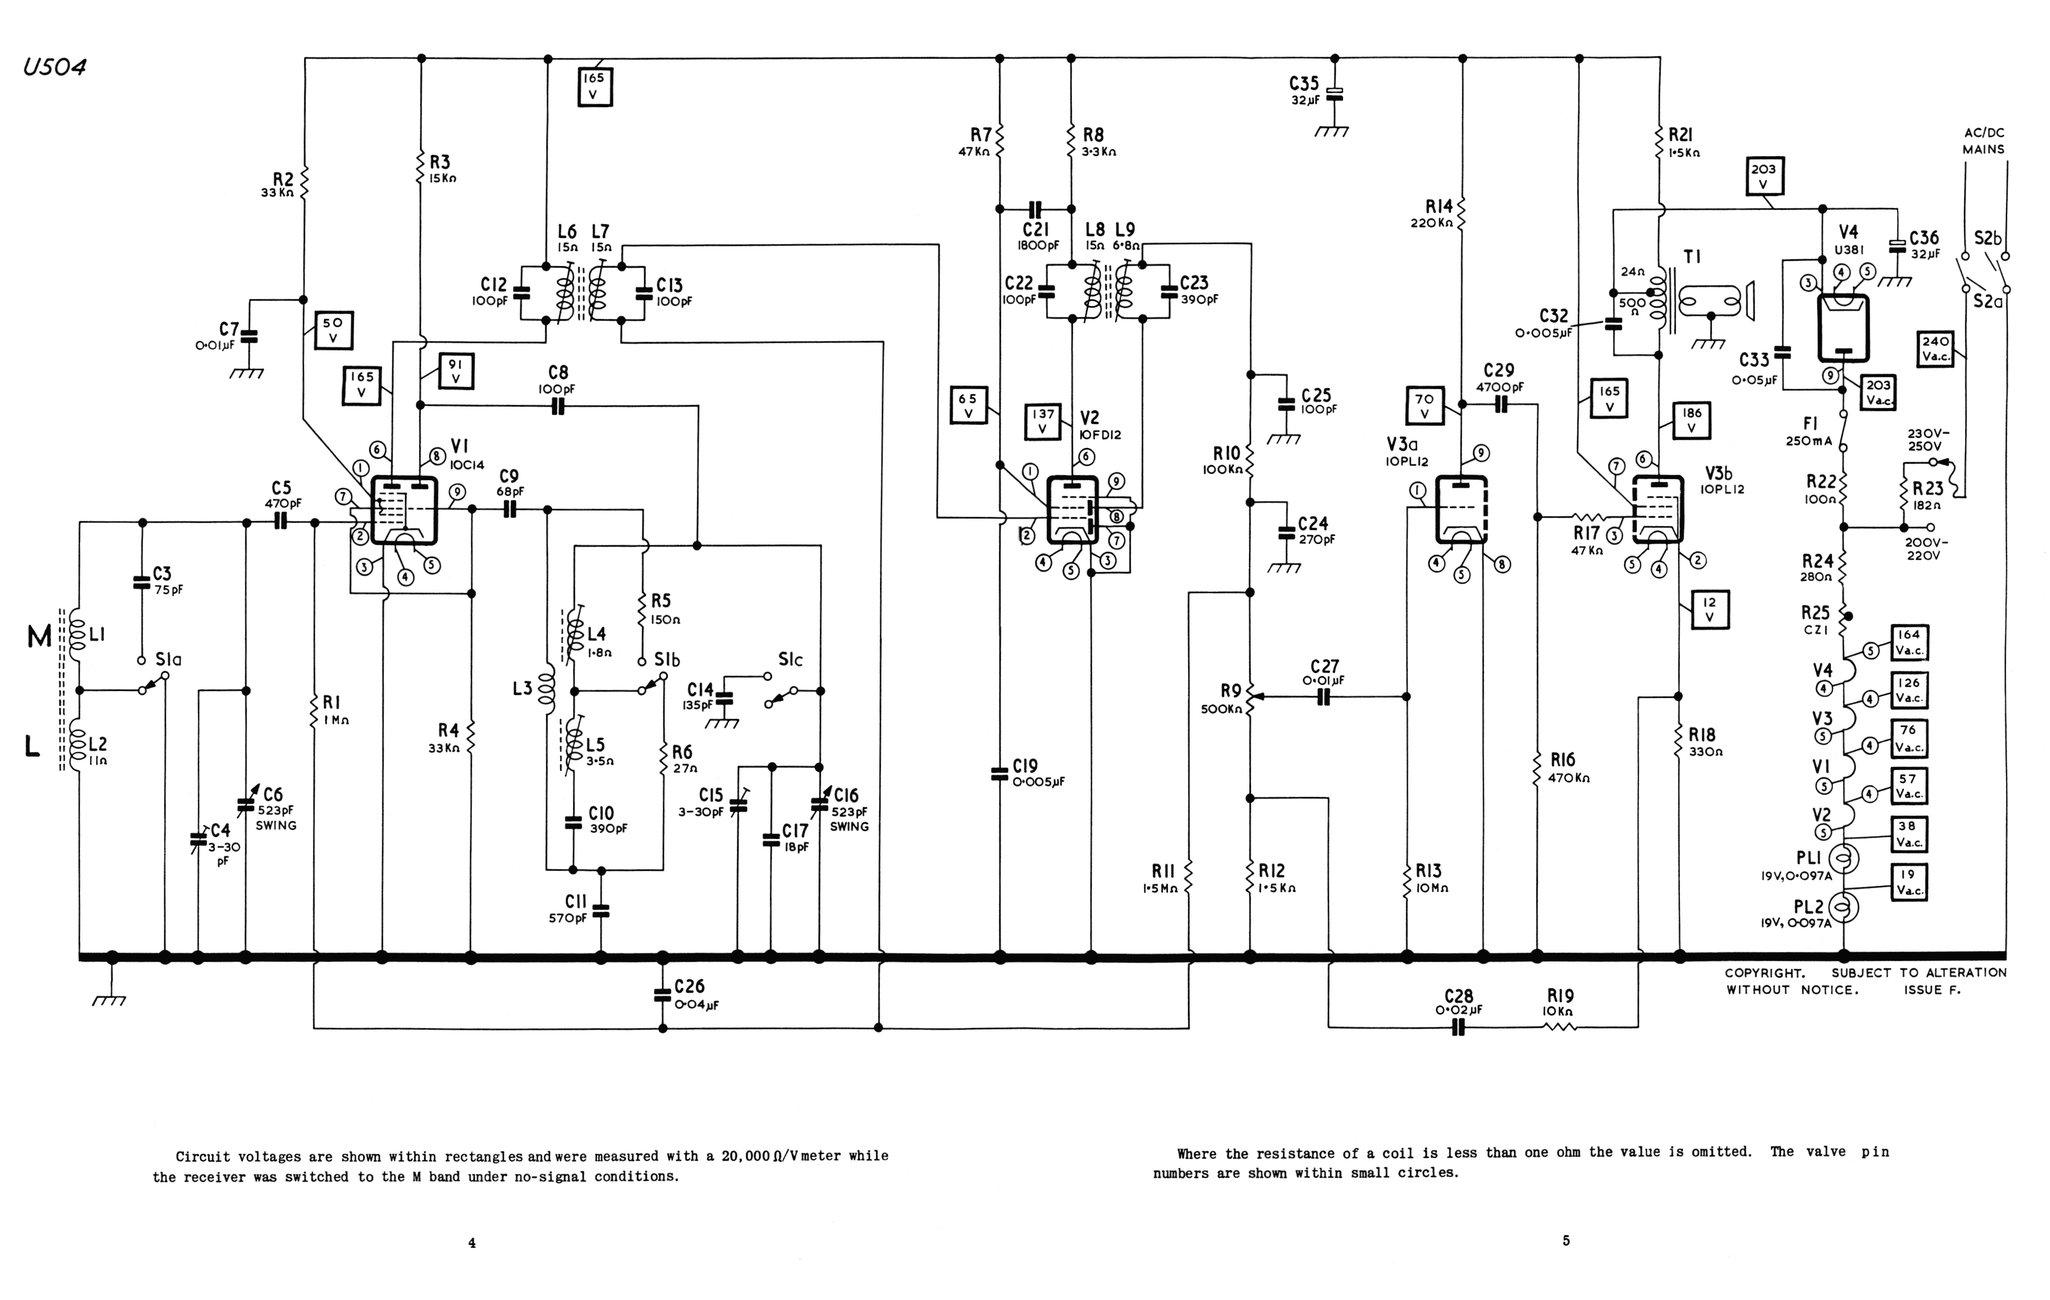 Schematics Shortwave Receiver Using Ech21 S Ecl21 And Ez2